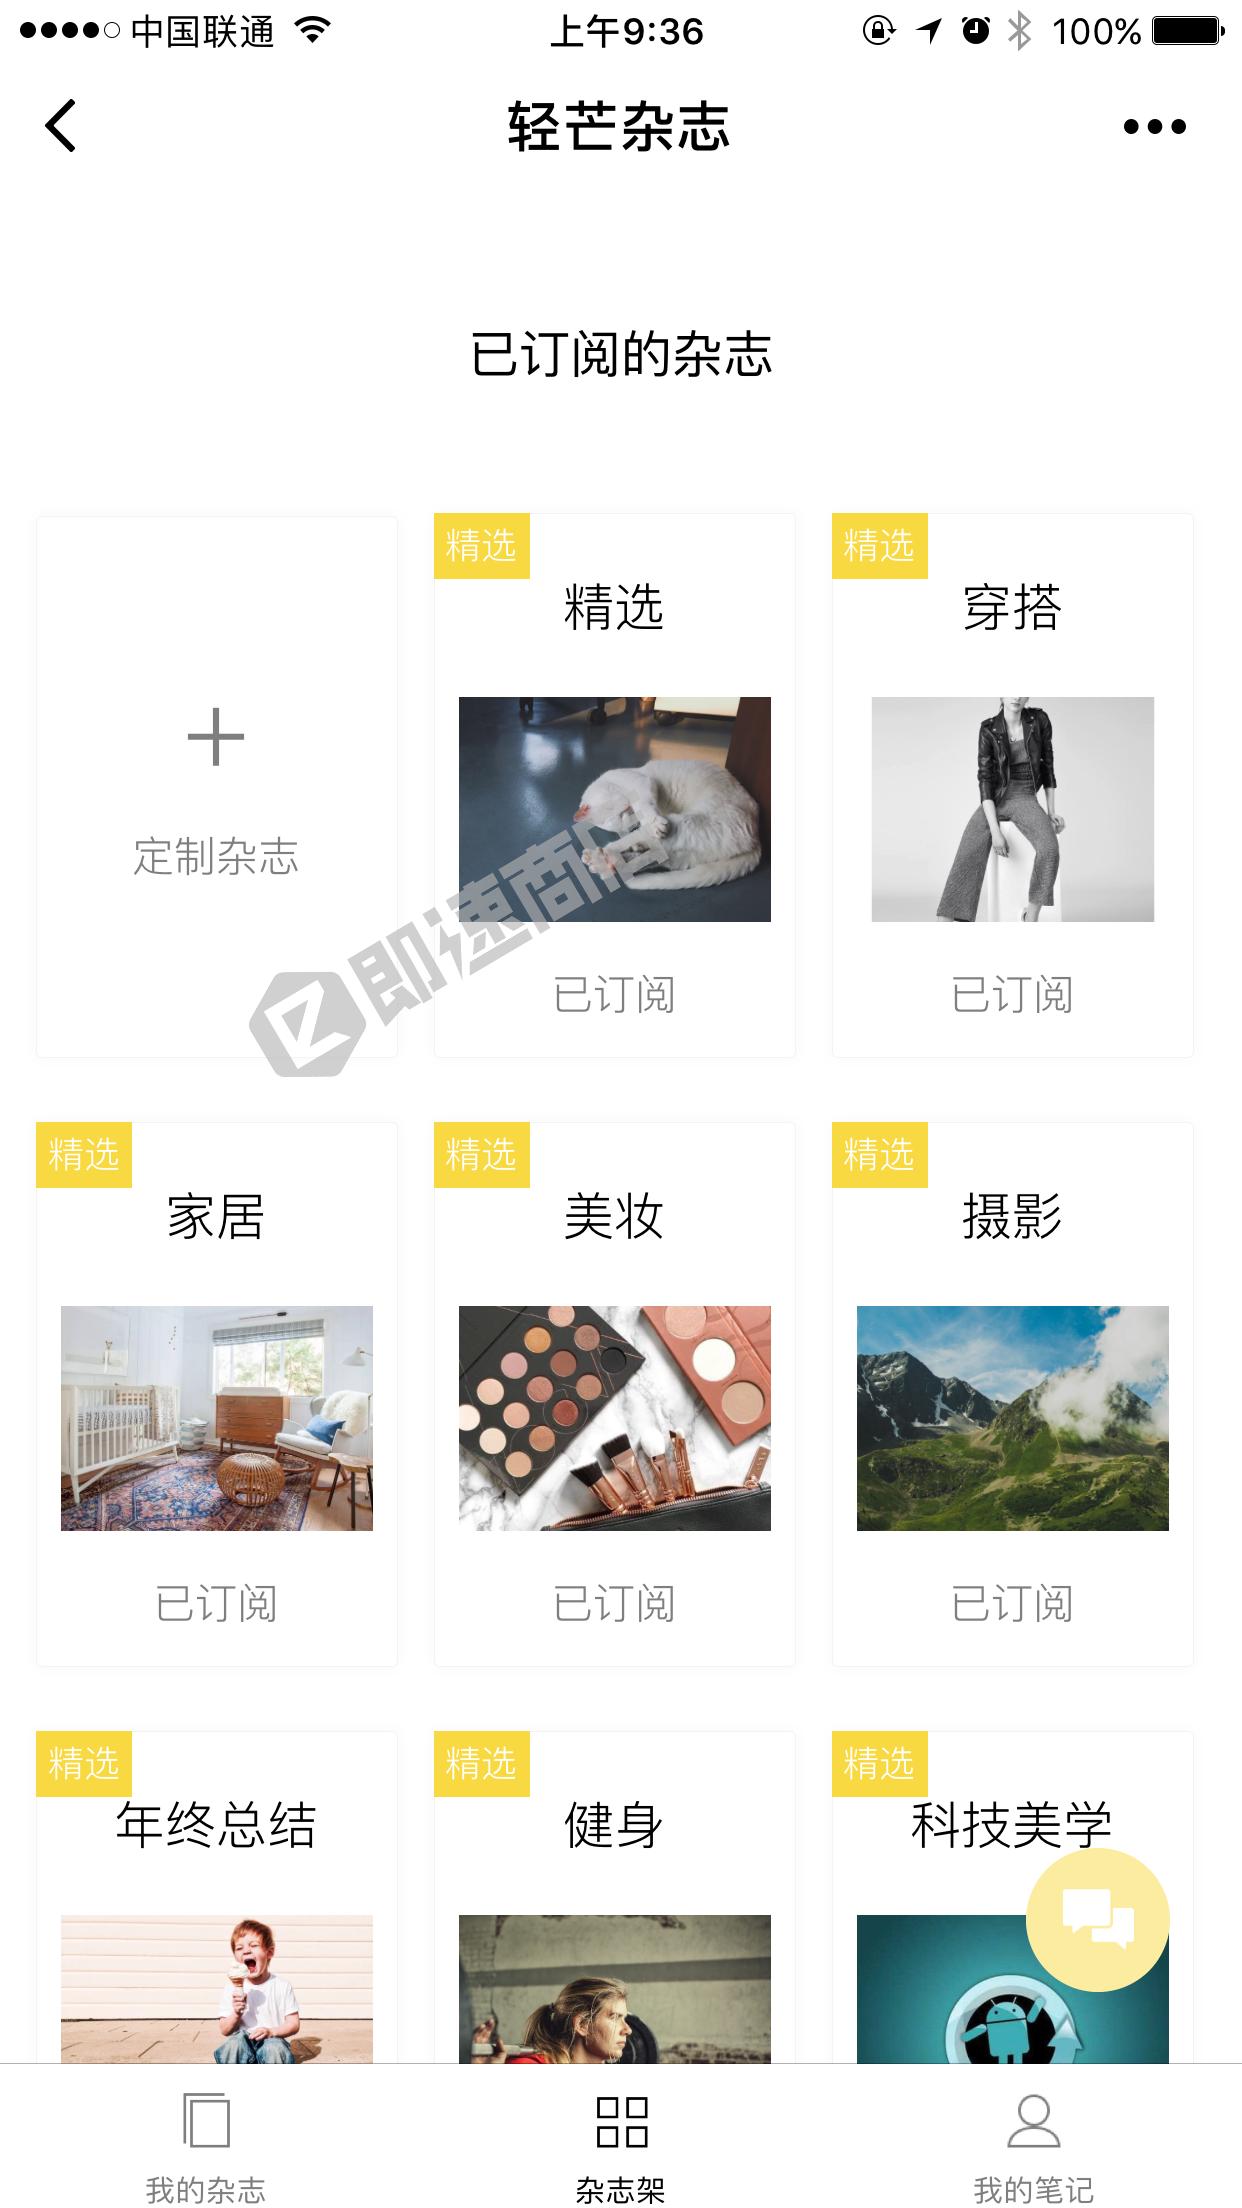 轻芒杂志小程序详情页截图2